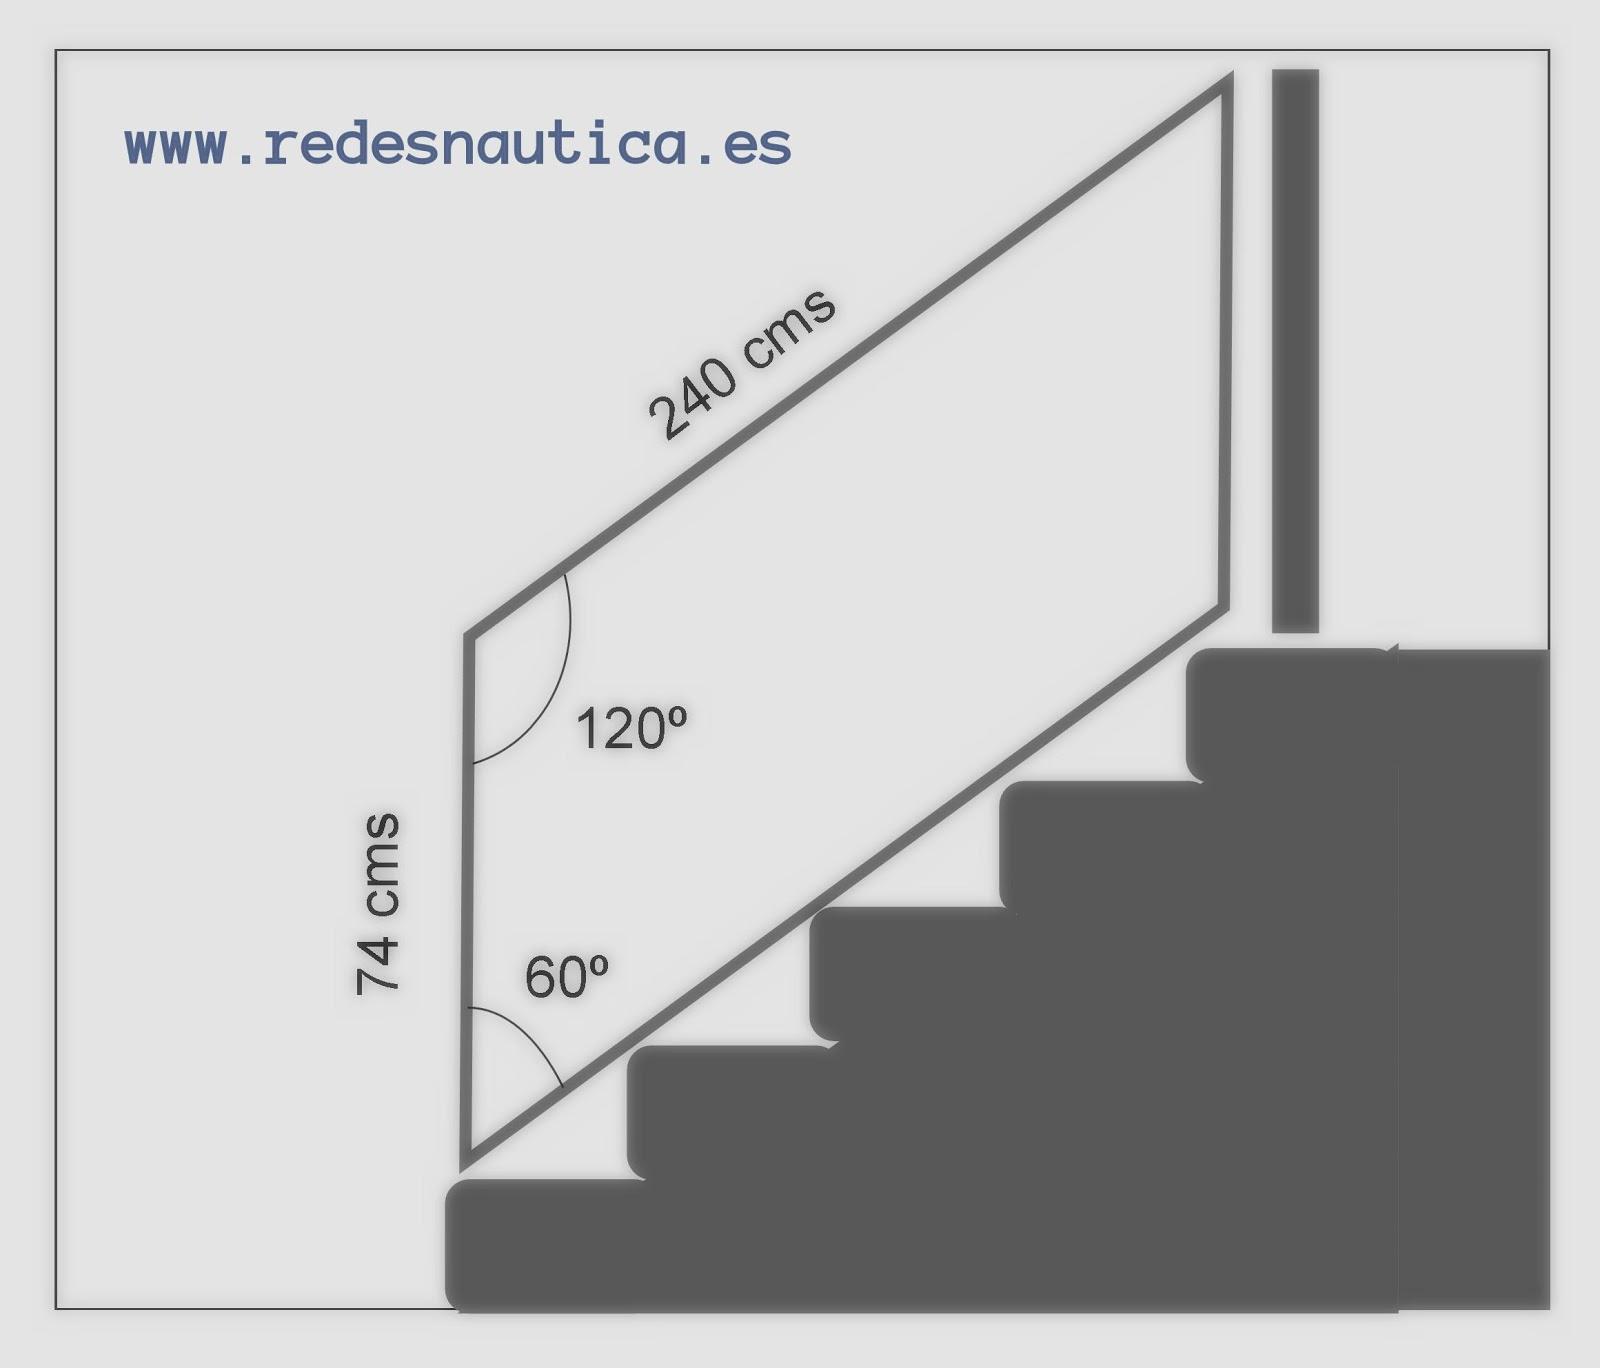 Redes n utica red de protecci n para escaleras tutorial for Como calcular una escalera